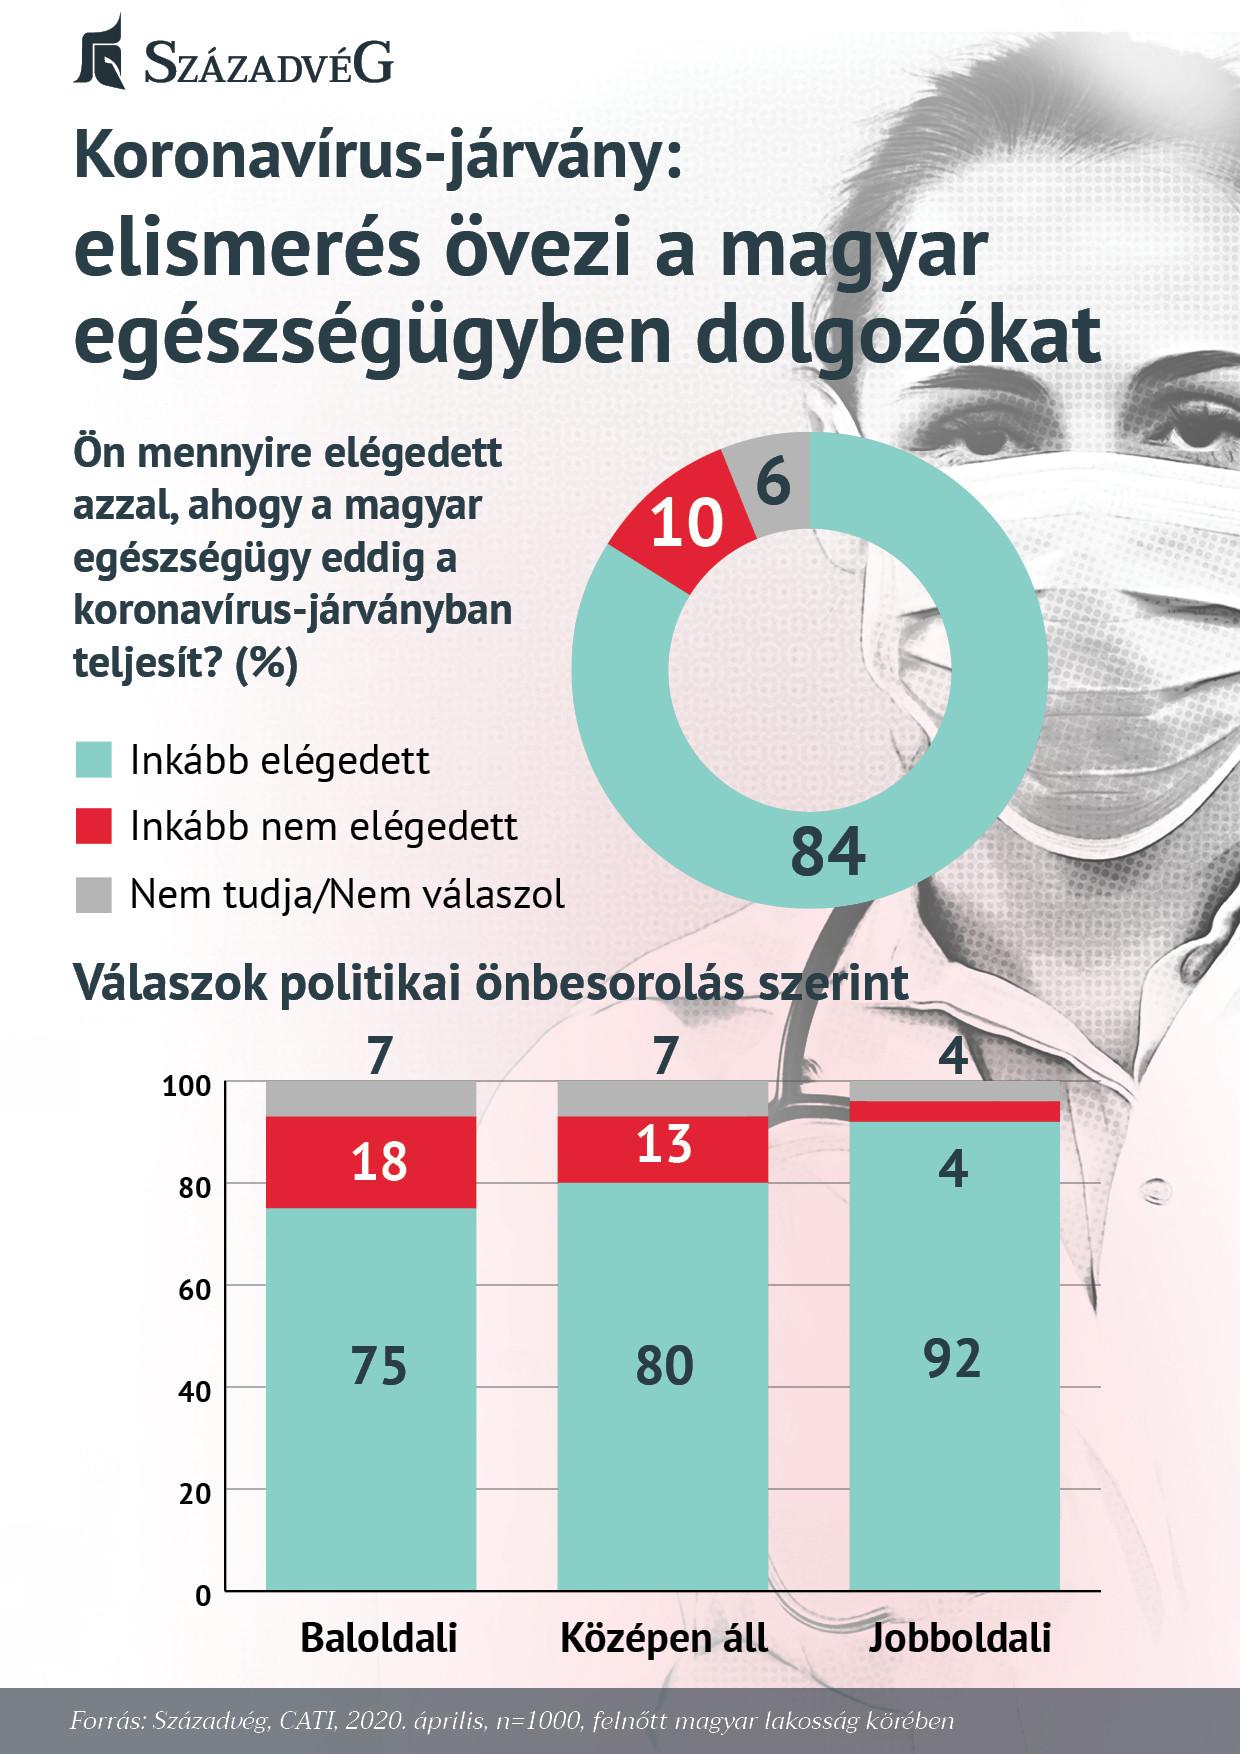 A magyar társadalom hálás az egészségügyi dolgozóknak